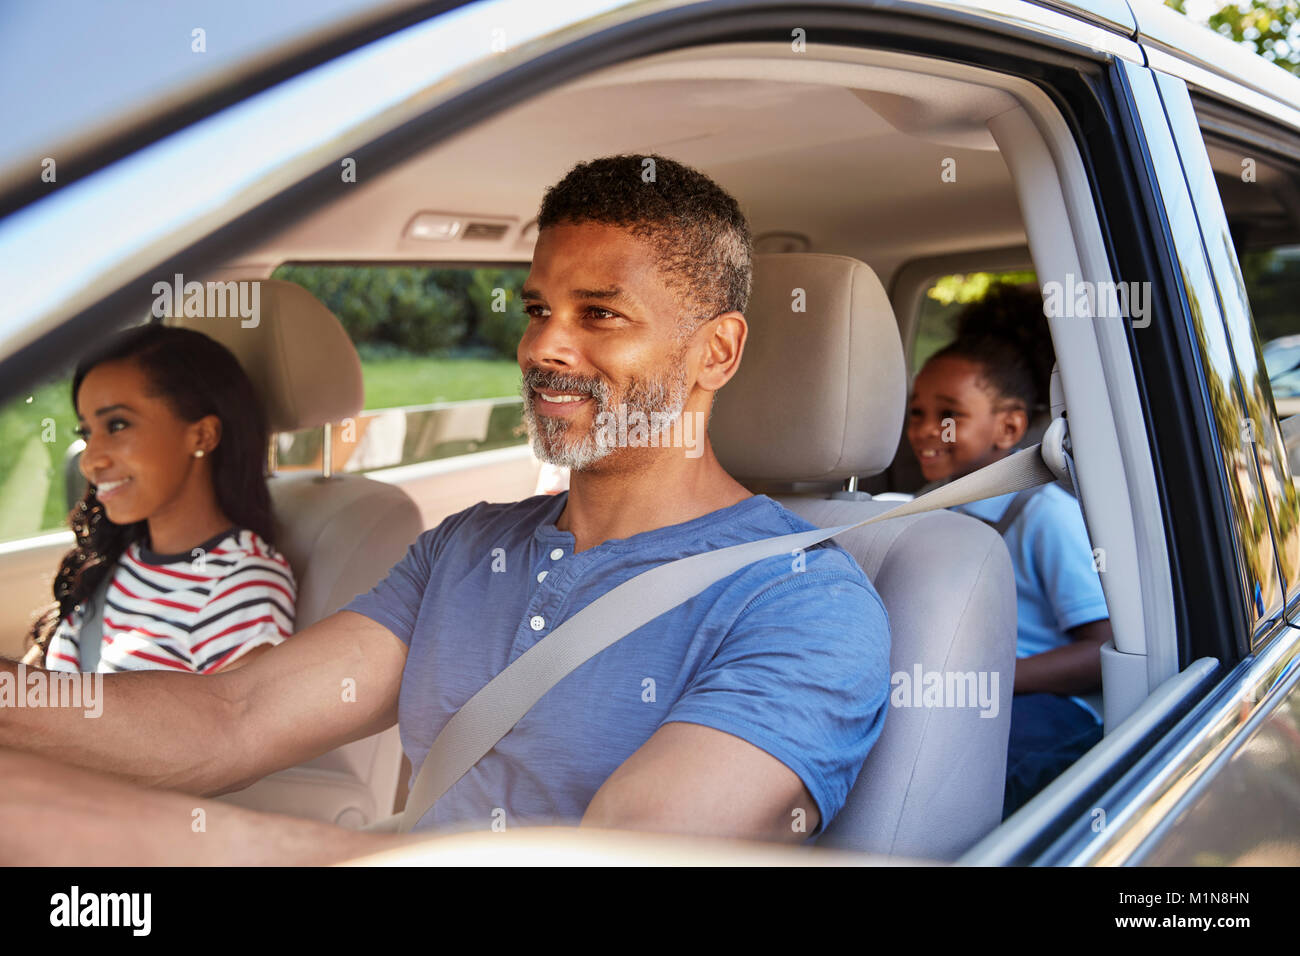 Famiglia in vettura andando sul viaggio su strada Immagini Stock